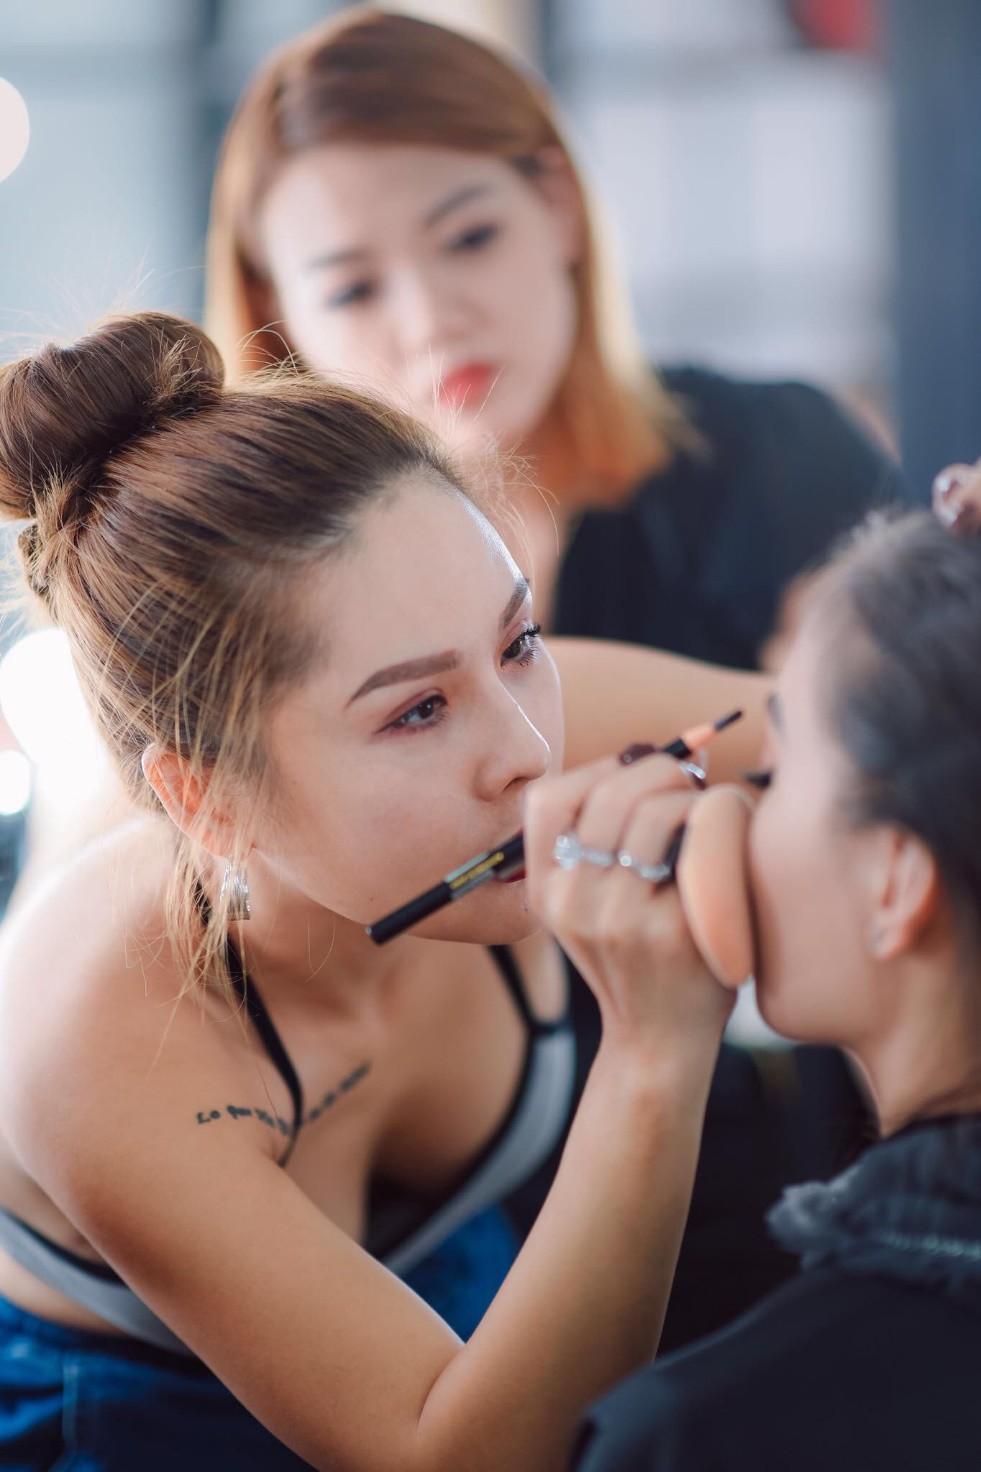 Tina Lê make up: nhân vật truyền cảm hứng cho các thế hệ học trò về làm đẹp - 1 năm nhìn lại - Ảnh 1.